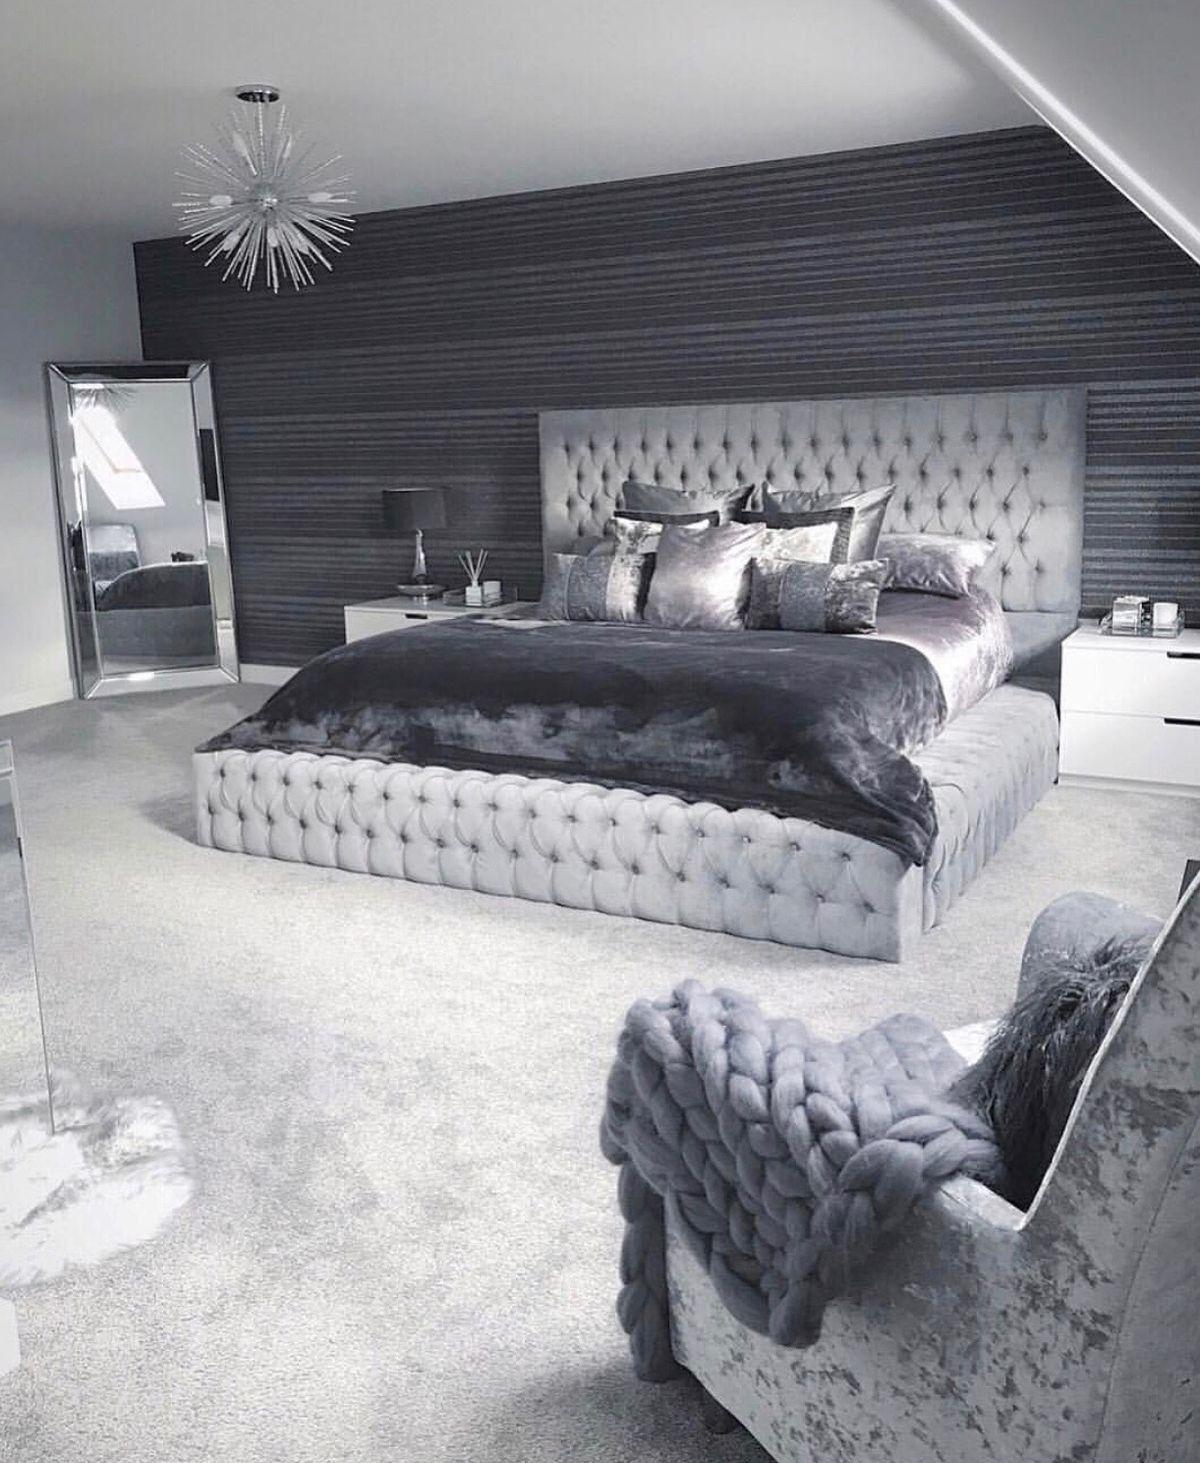 Epingle Par Ghy Zlan Sur Rooms Avec Images Chambre A Coucher